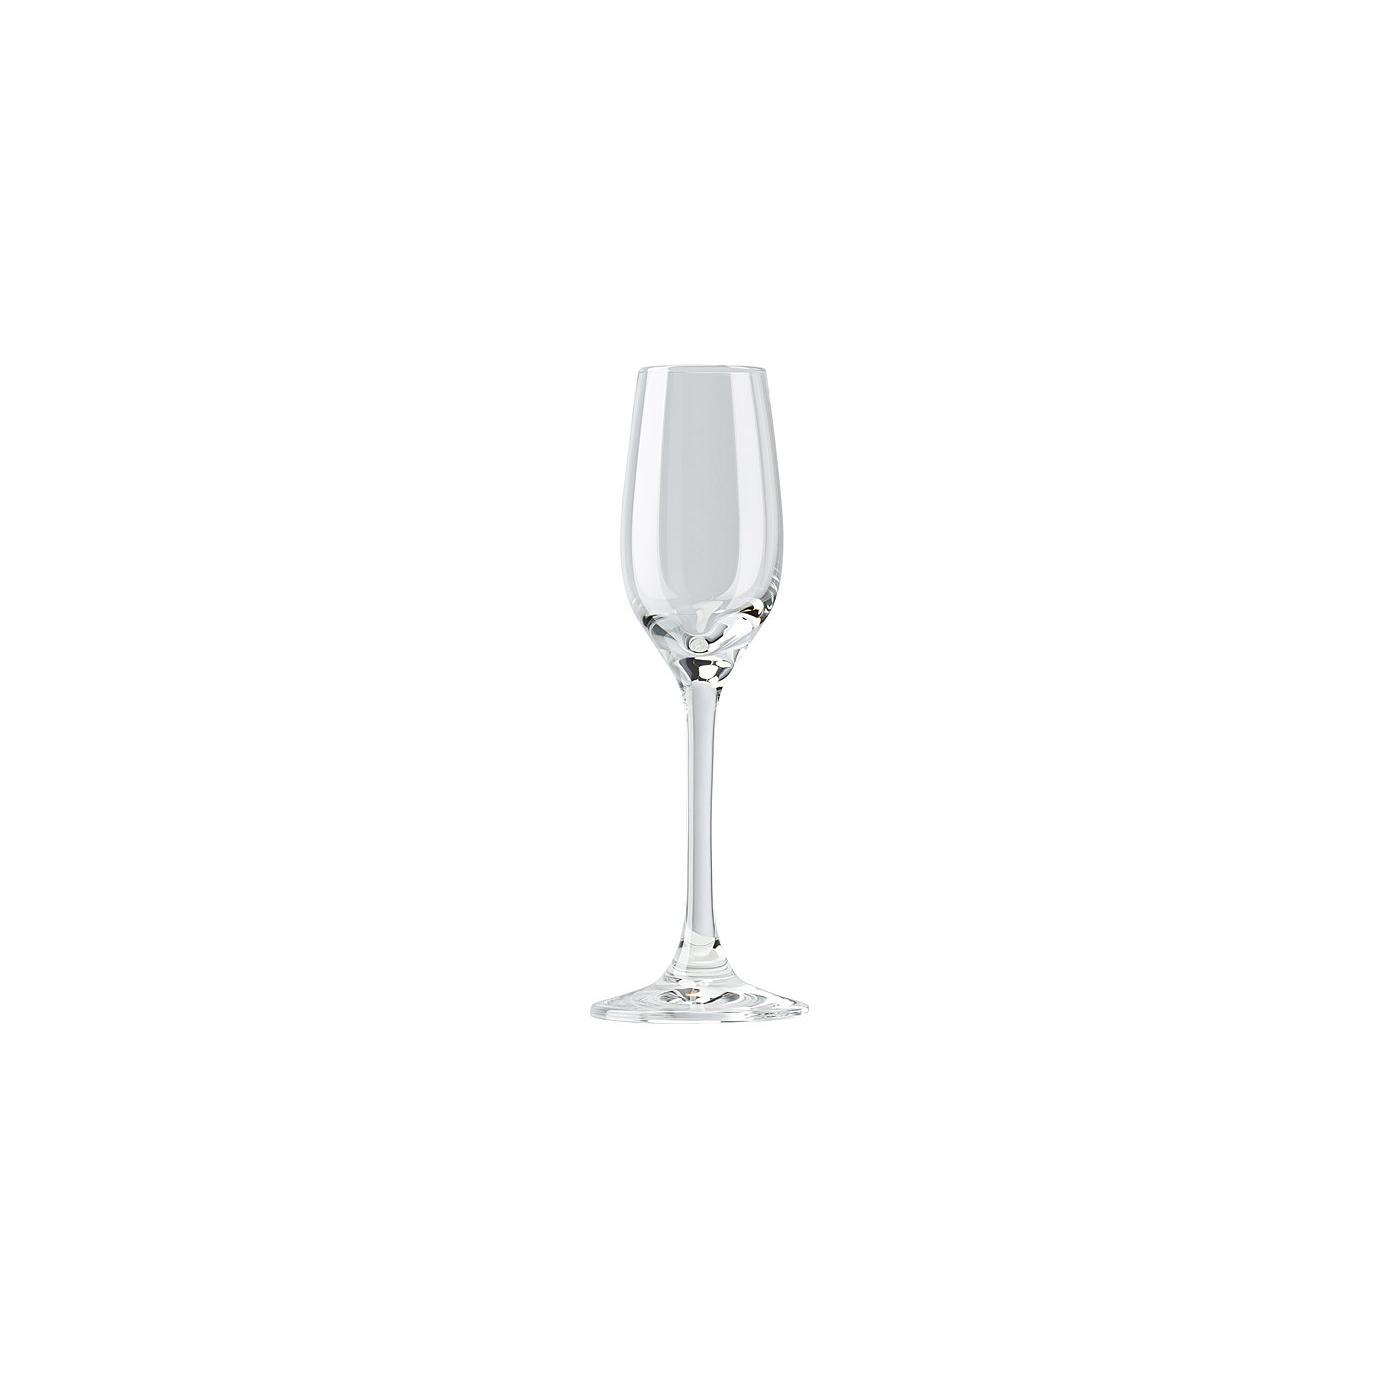 Рюмка для шнапса, водки Divino 60 мл, высота 16 см (Хрусталь и стекло Rosenthal)